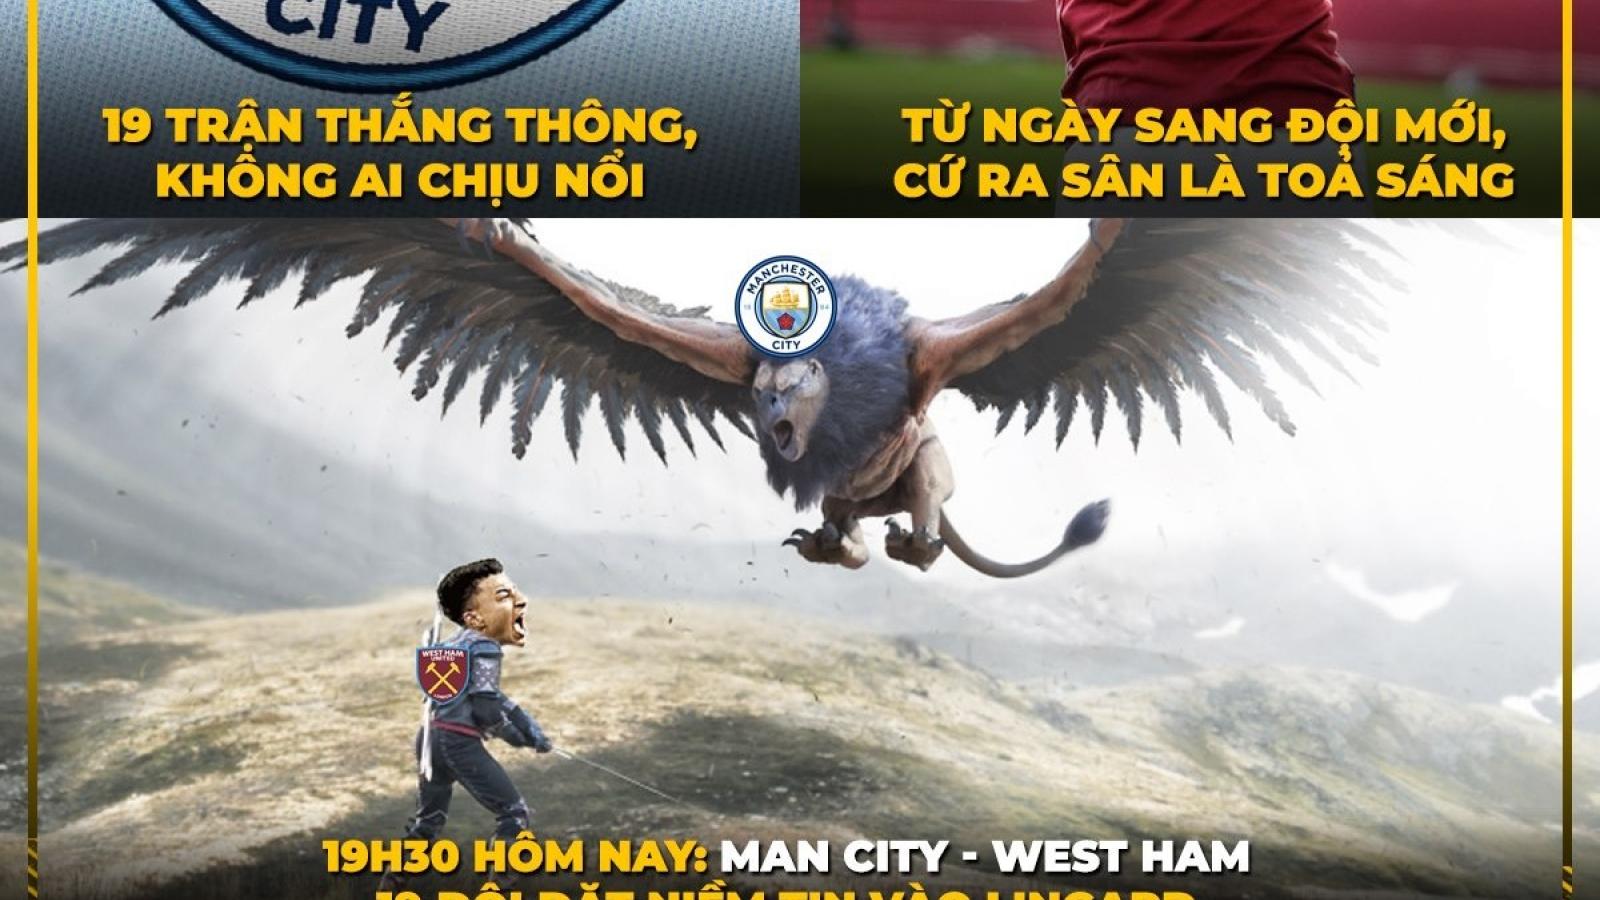 """Biếm họa 24h: Lingard sẽ giúp MU """"ngáng đường"""" Man City?"""